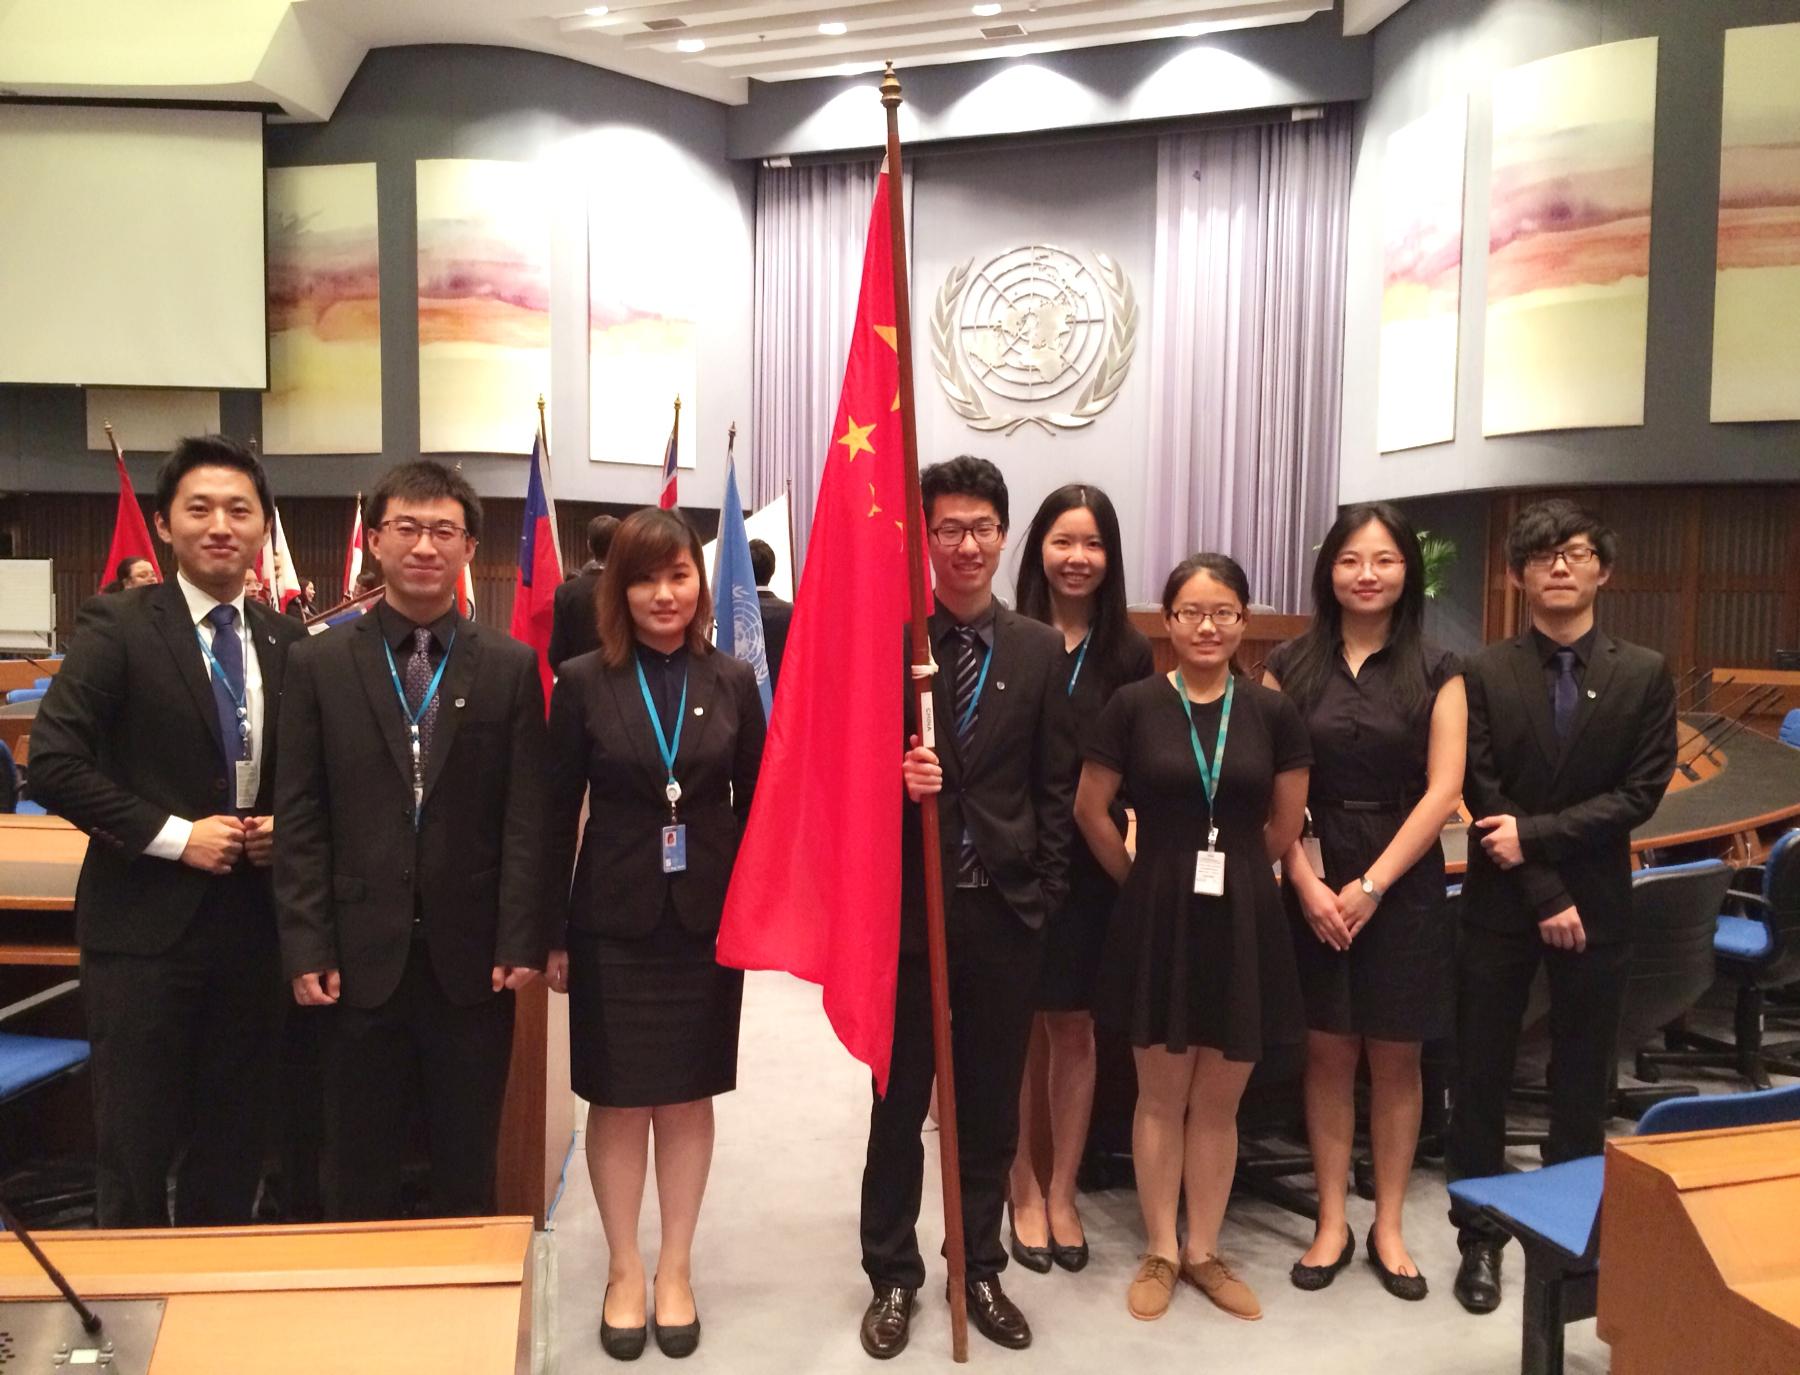 中大实习生在第71届联合国亚太经社会大会担任志愿者。